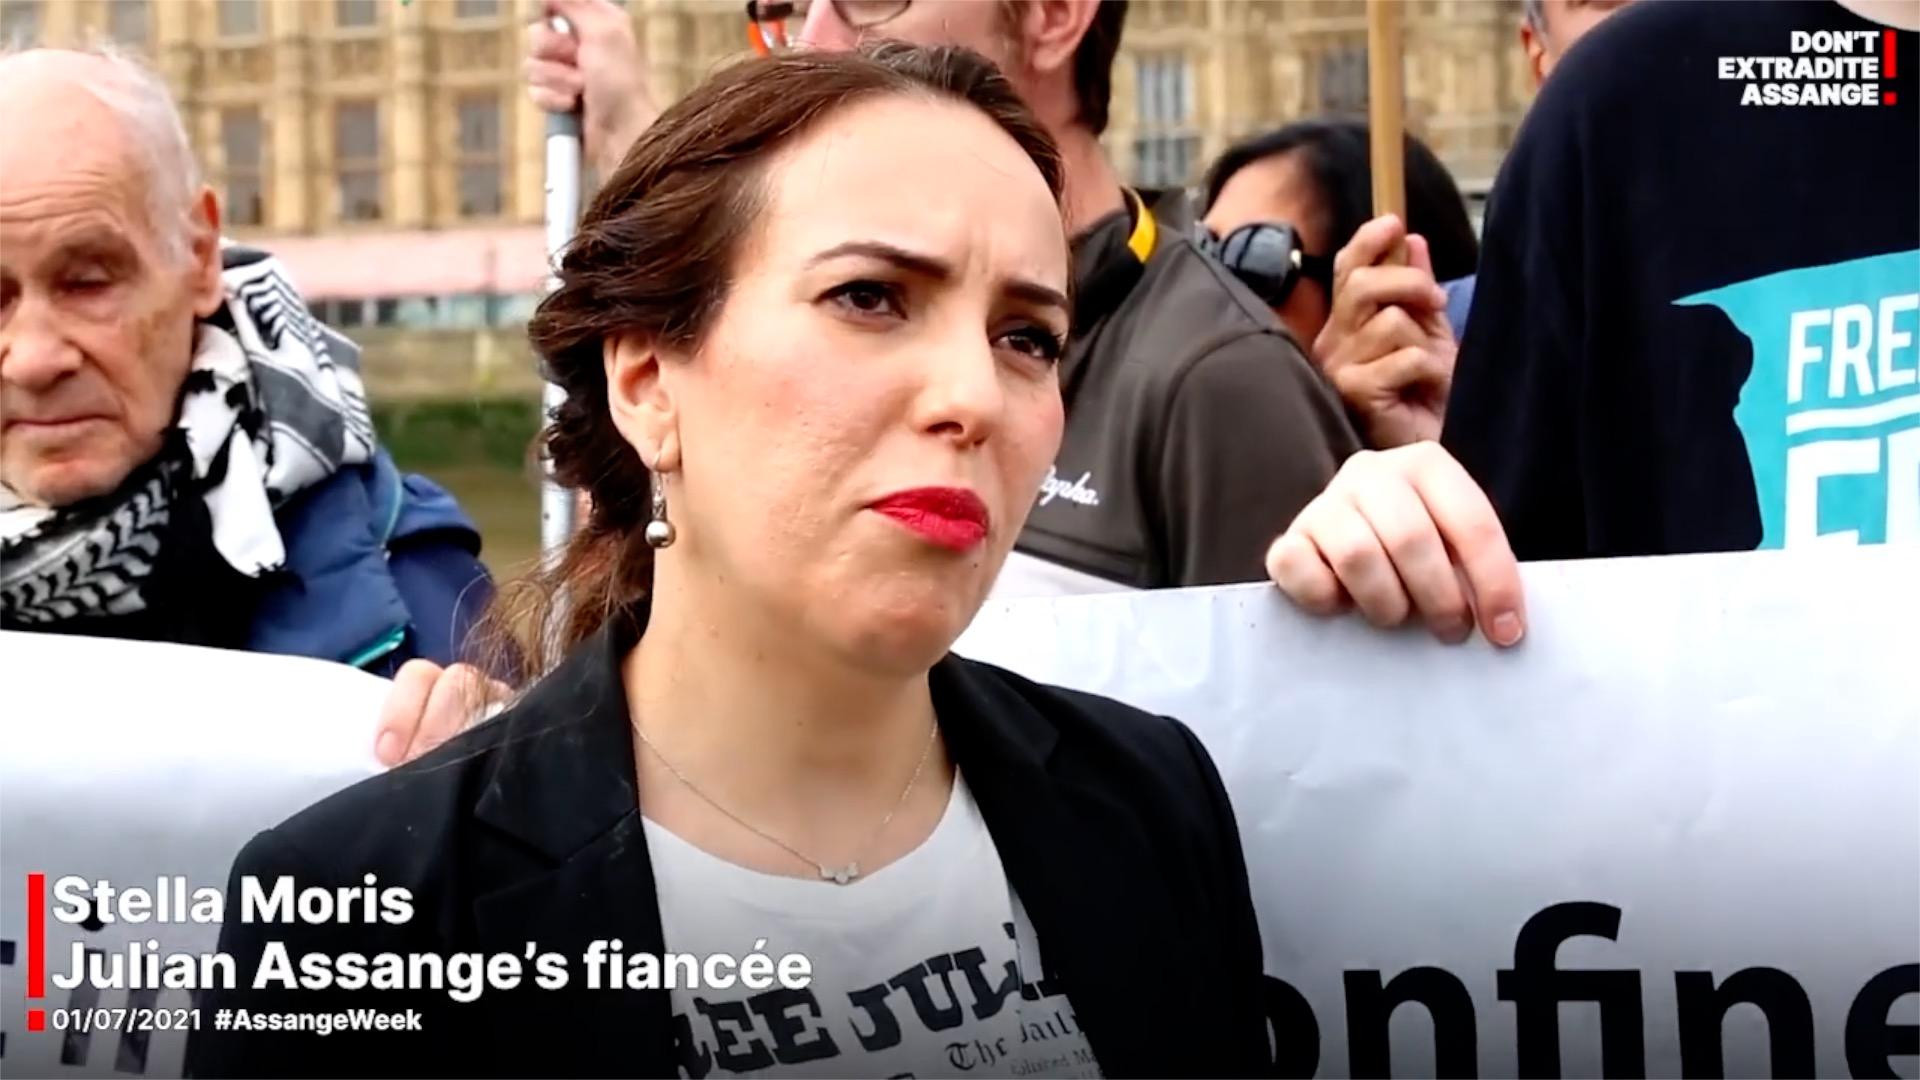 In diesem Interview liefert Stella Moris, die Lebensgefährtin von Julian Assange, den neuesten Stand im Assange-Prozess.